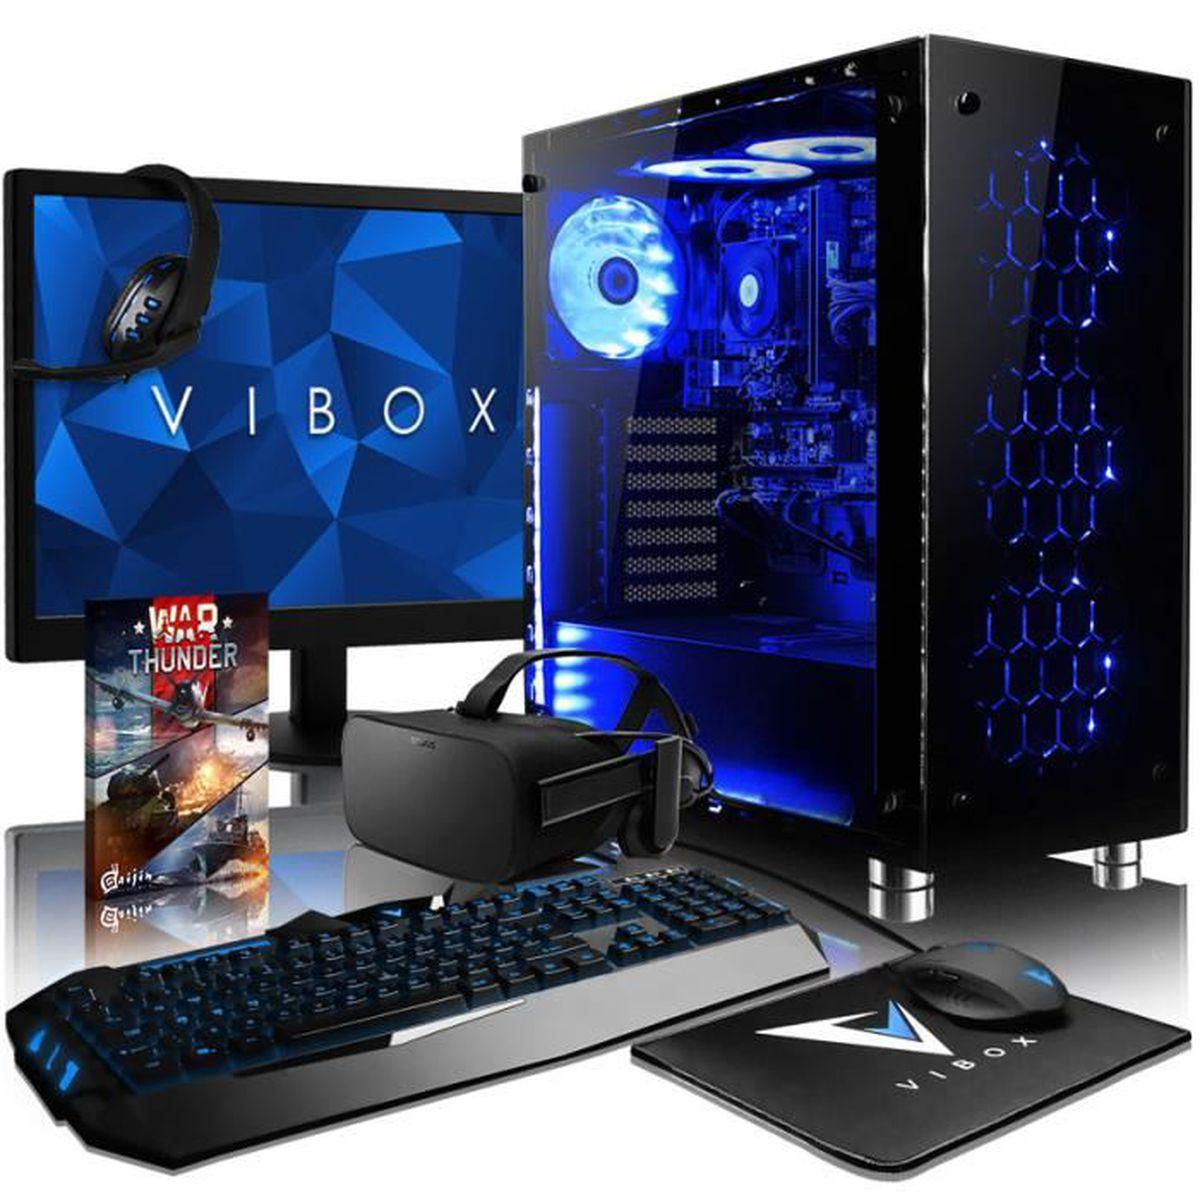 UNITÉ CENTRALE + ÉCRAN VIBOX Nebula VGR770T-51 VR PC Gamer avec Oculus Ri